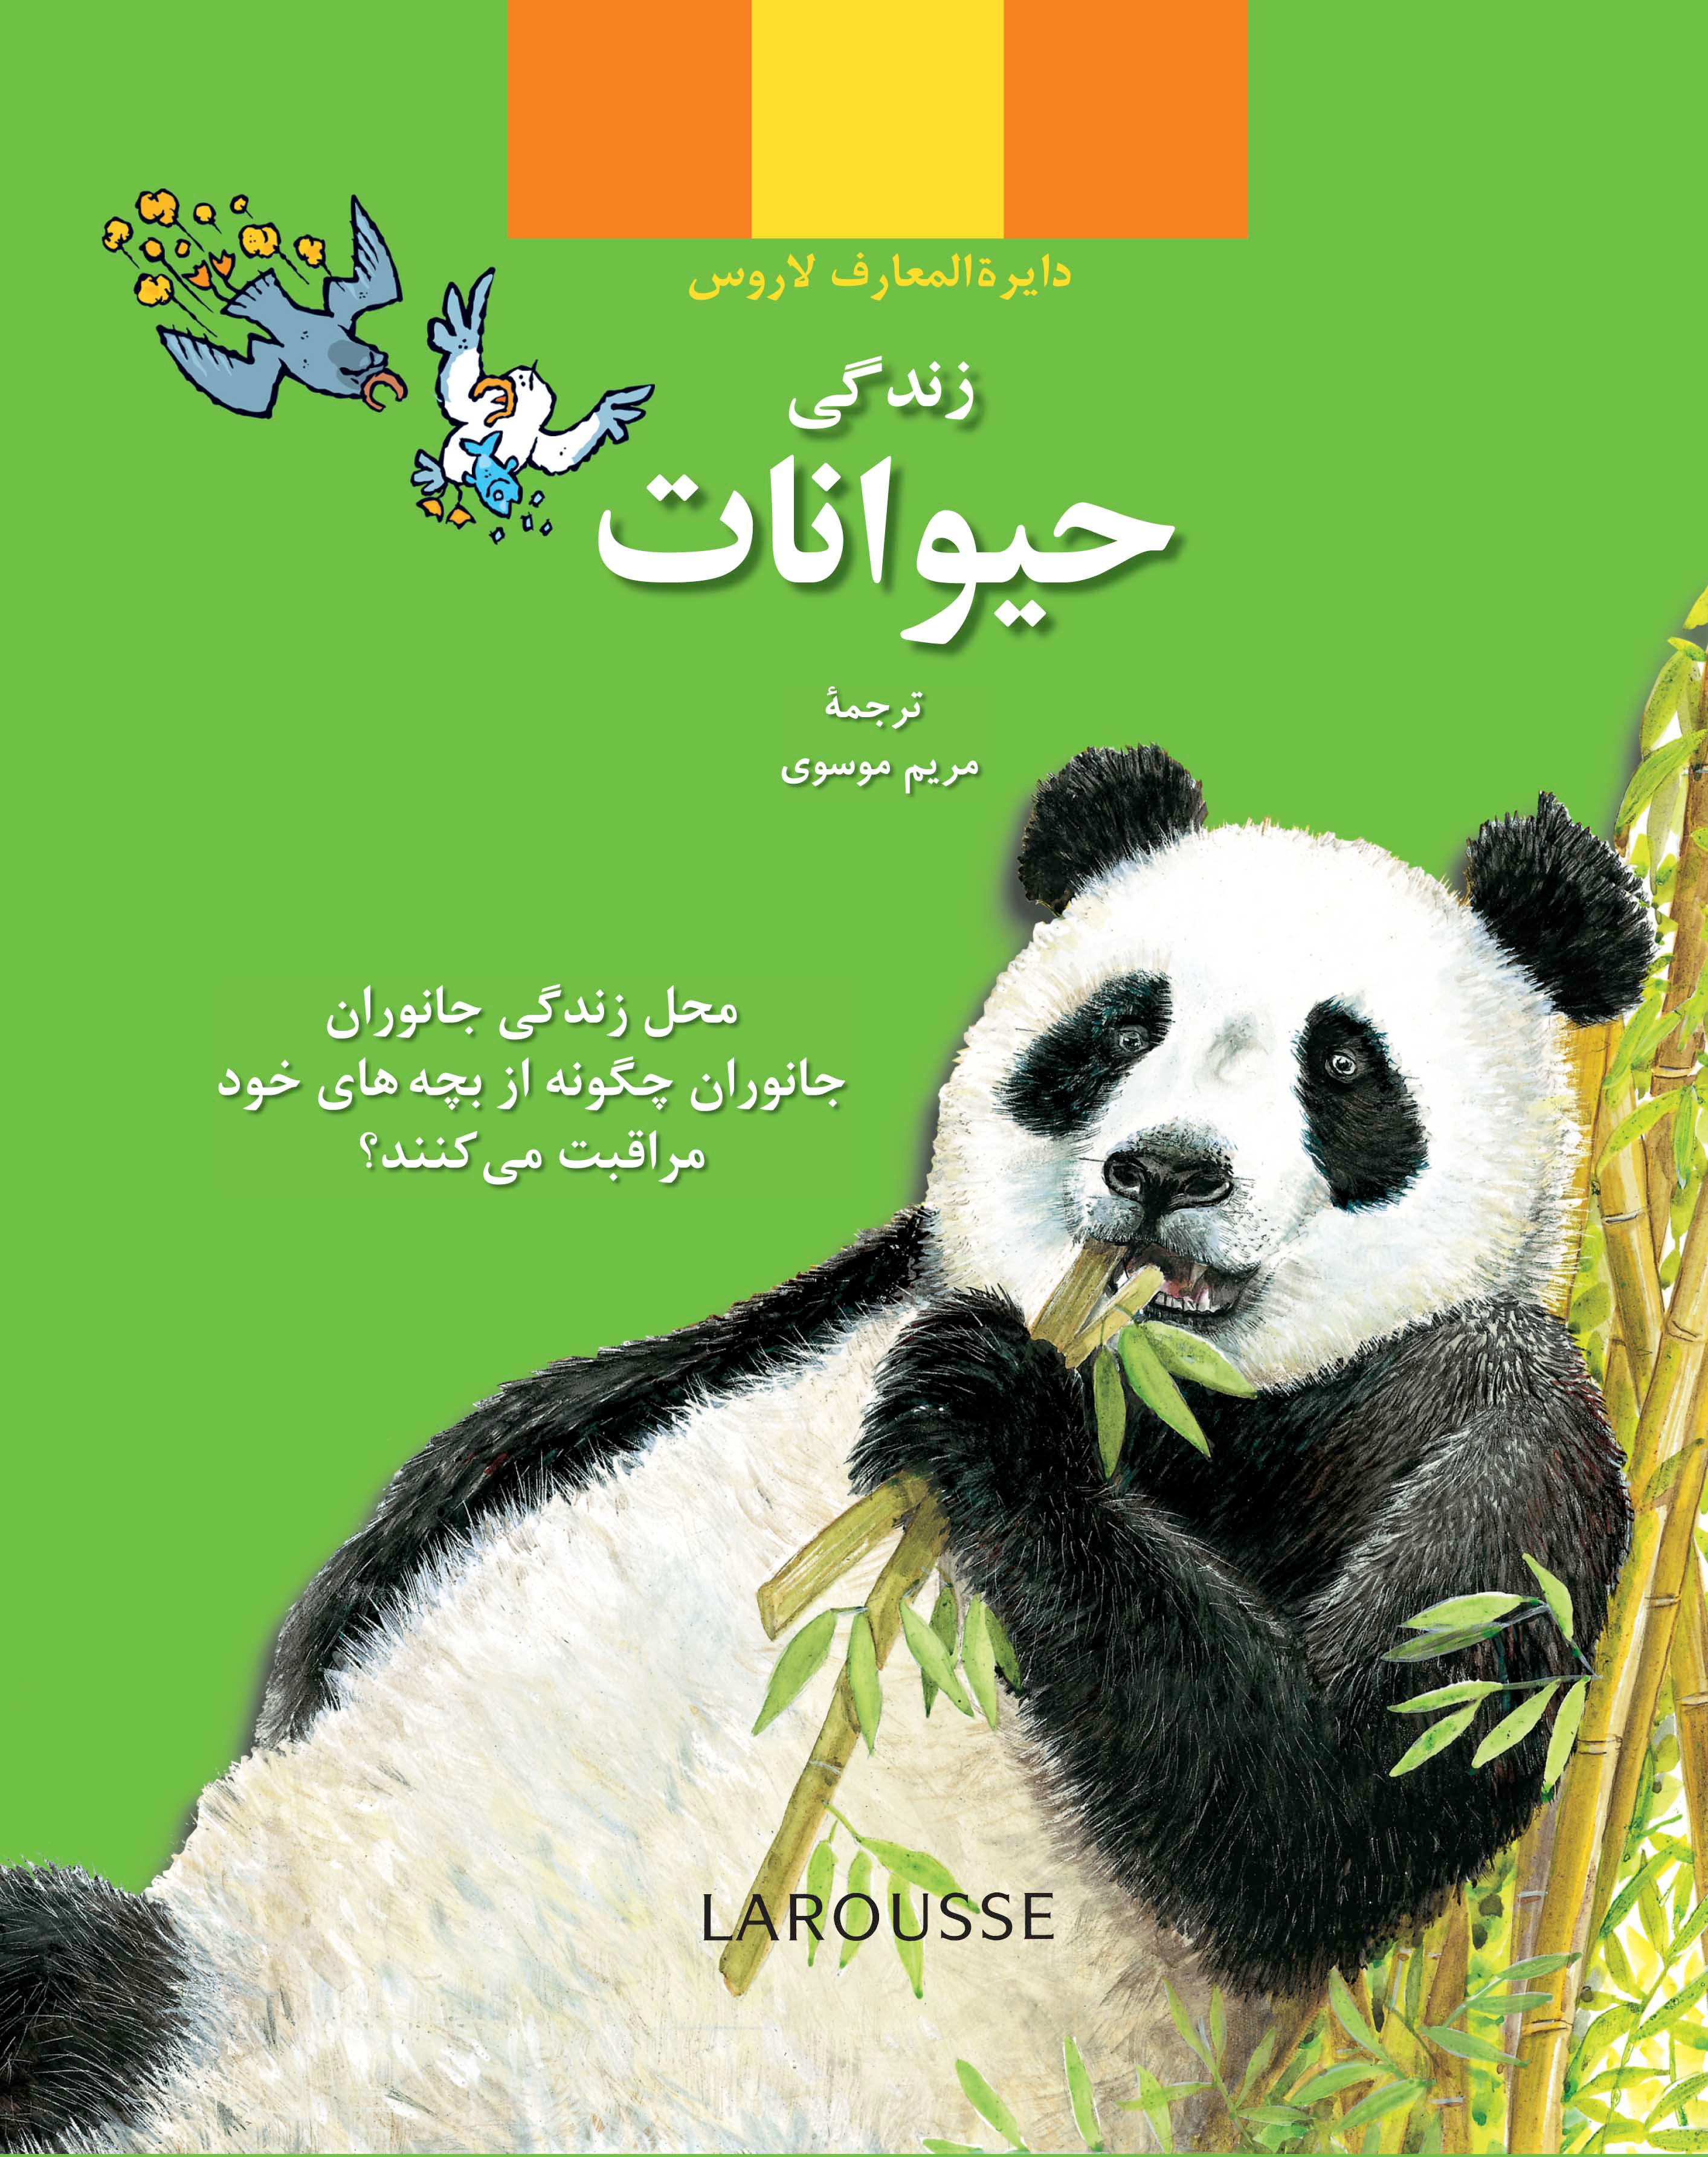 کتاب زندگی حیوانات